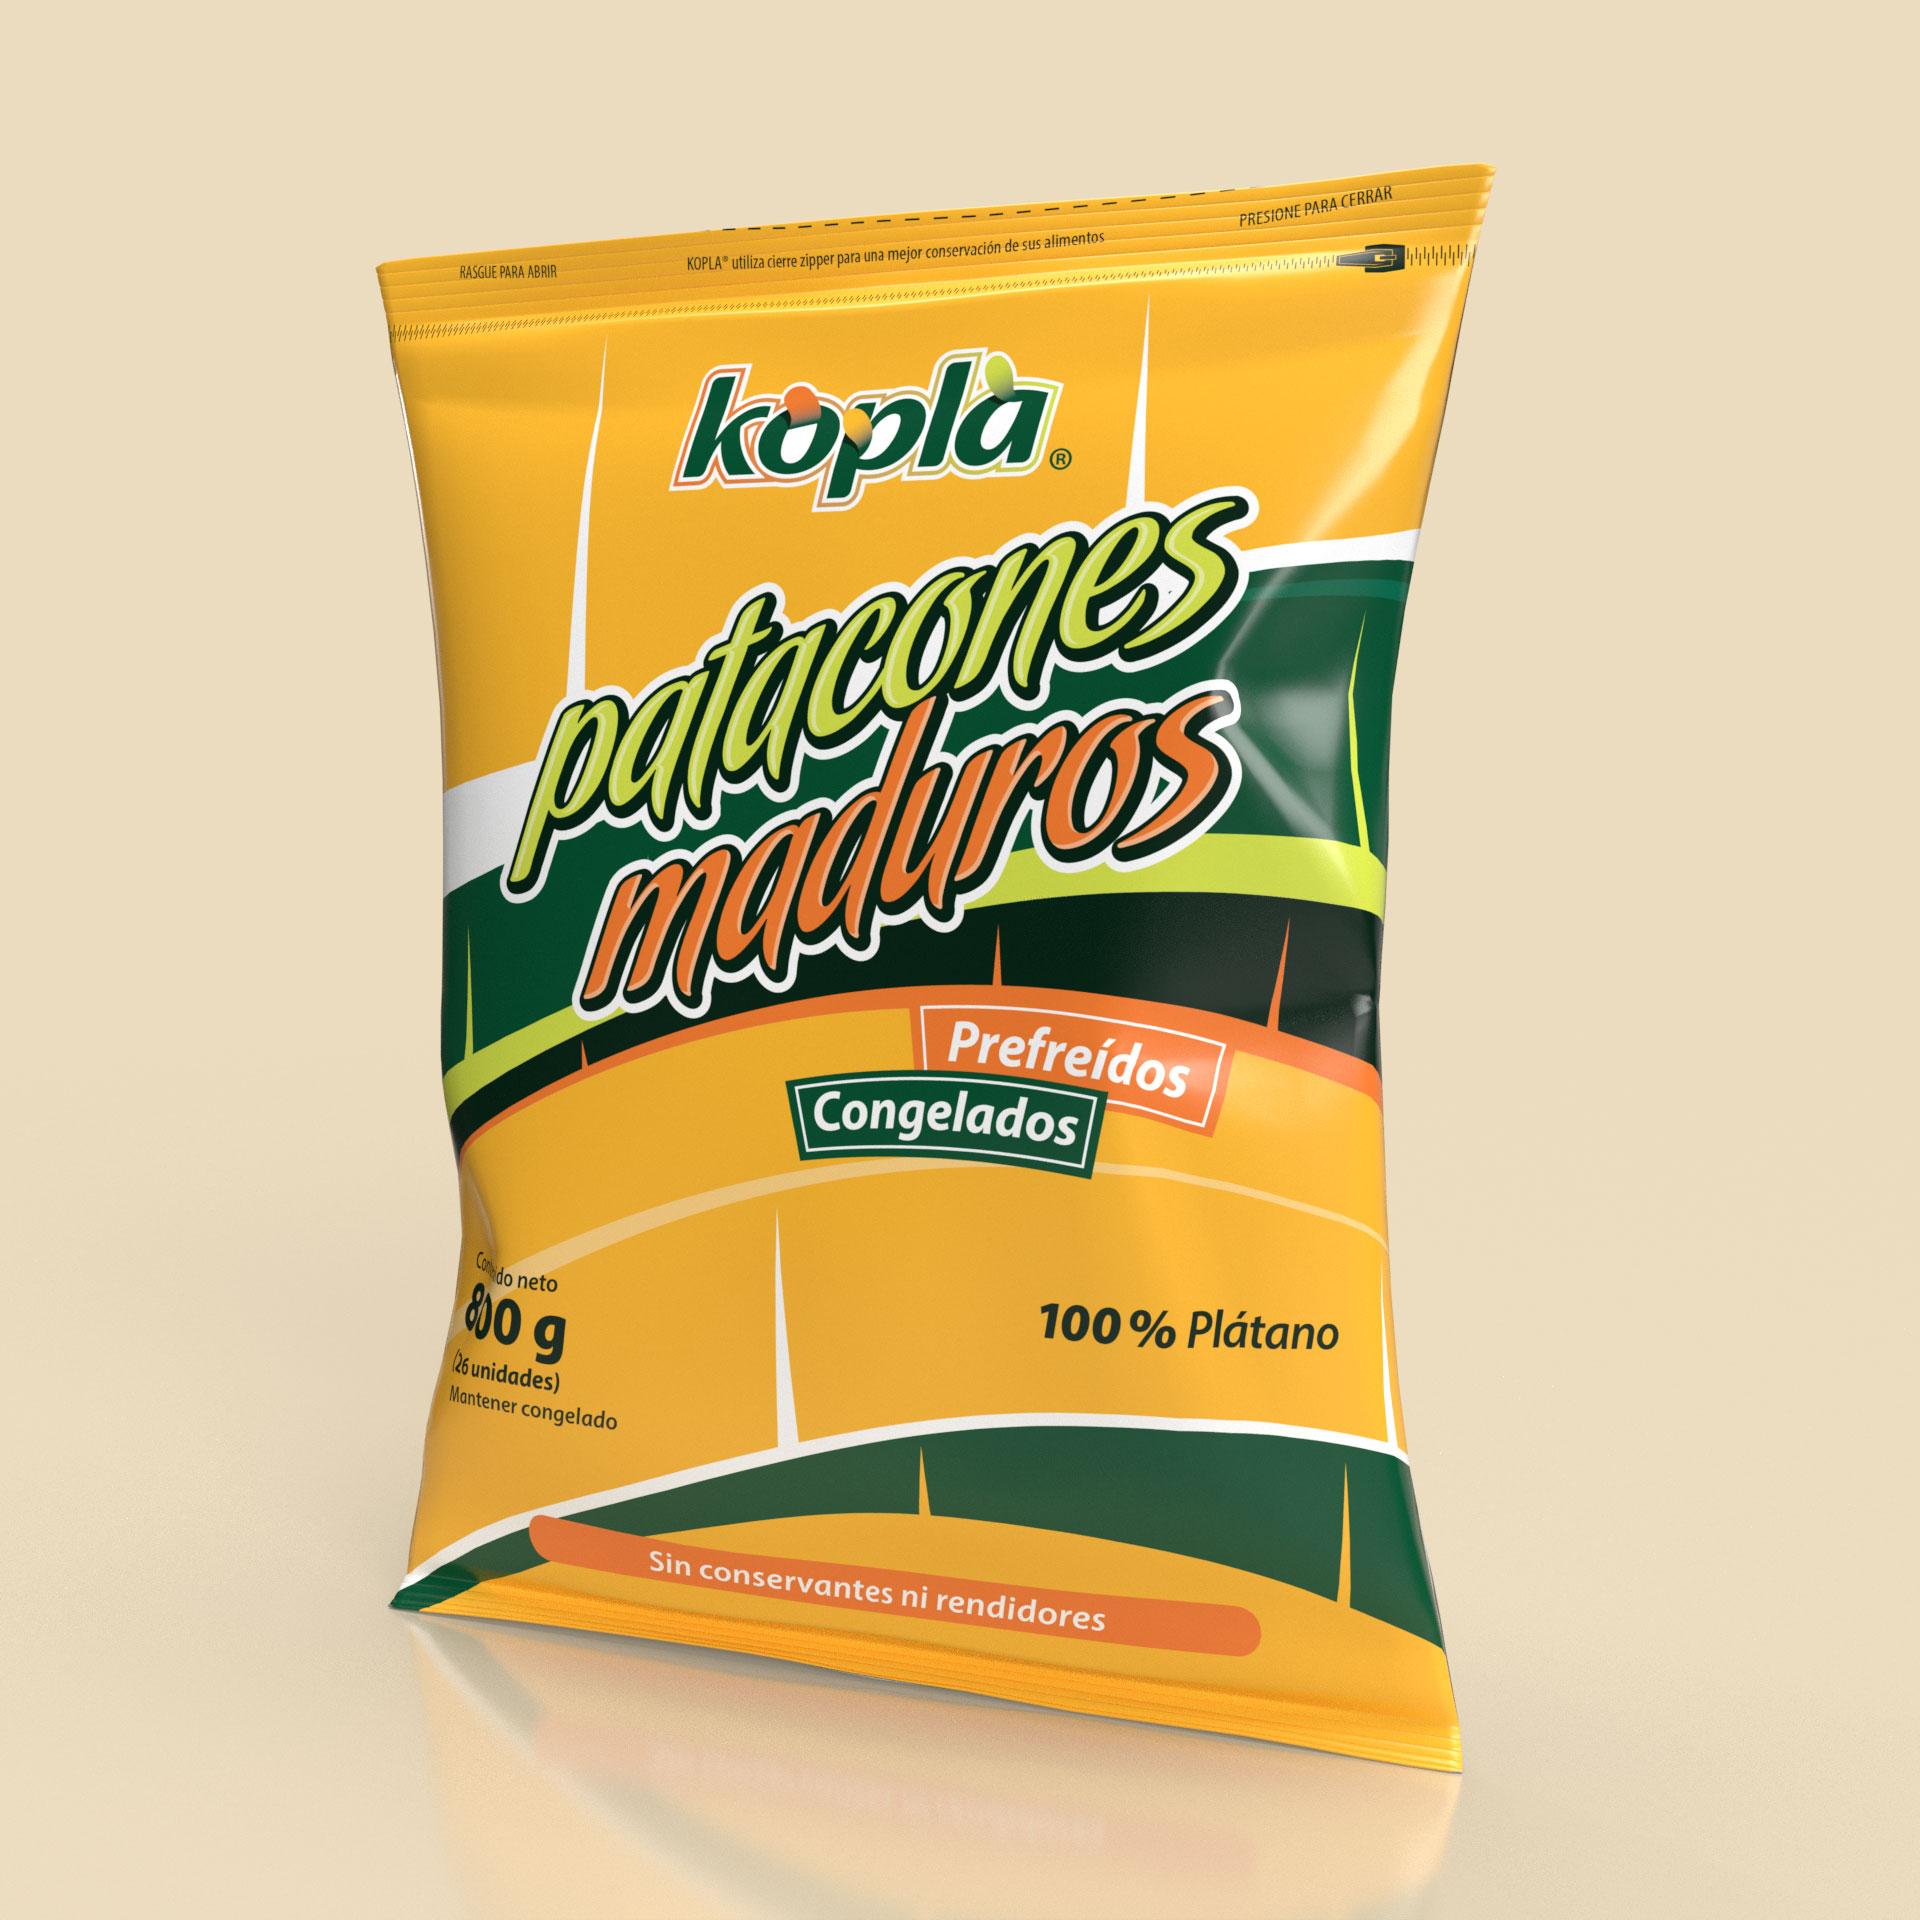 Empaque Patacones de Plátano Maduro Precocidos Congelados Productos Kopla